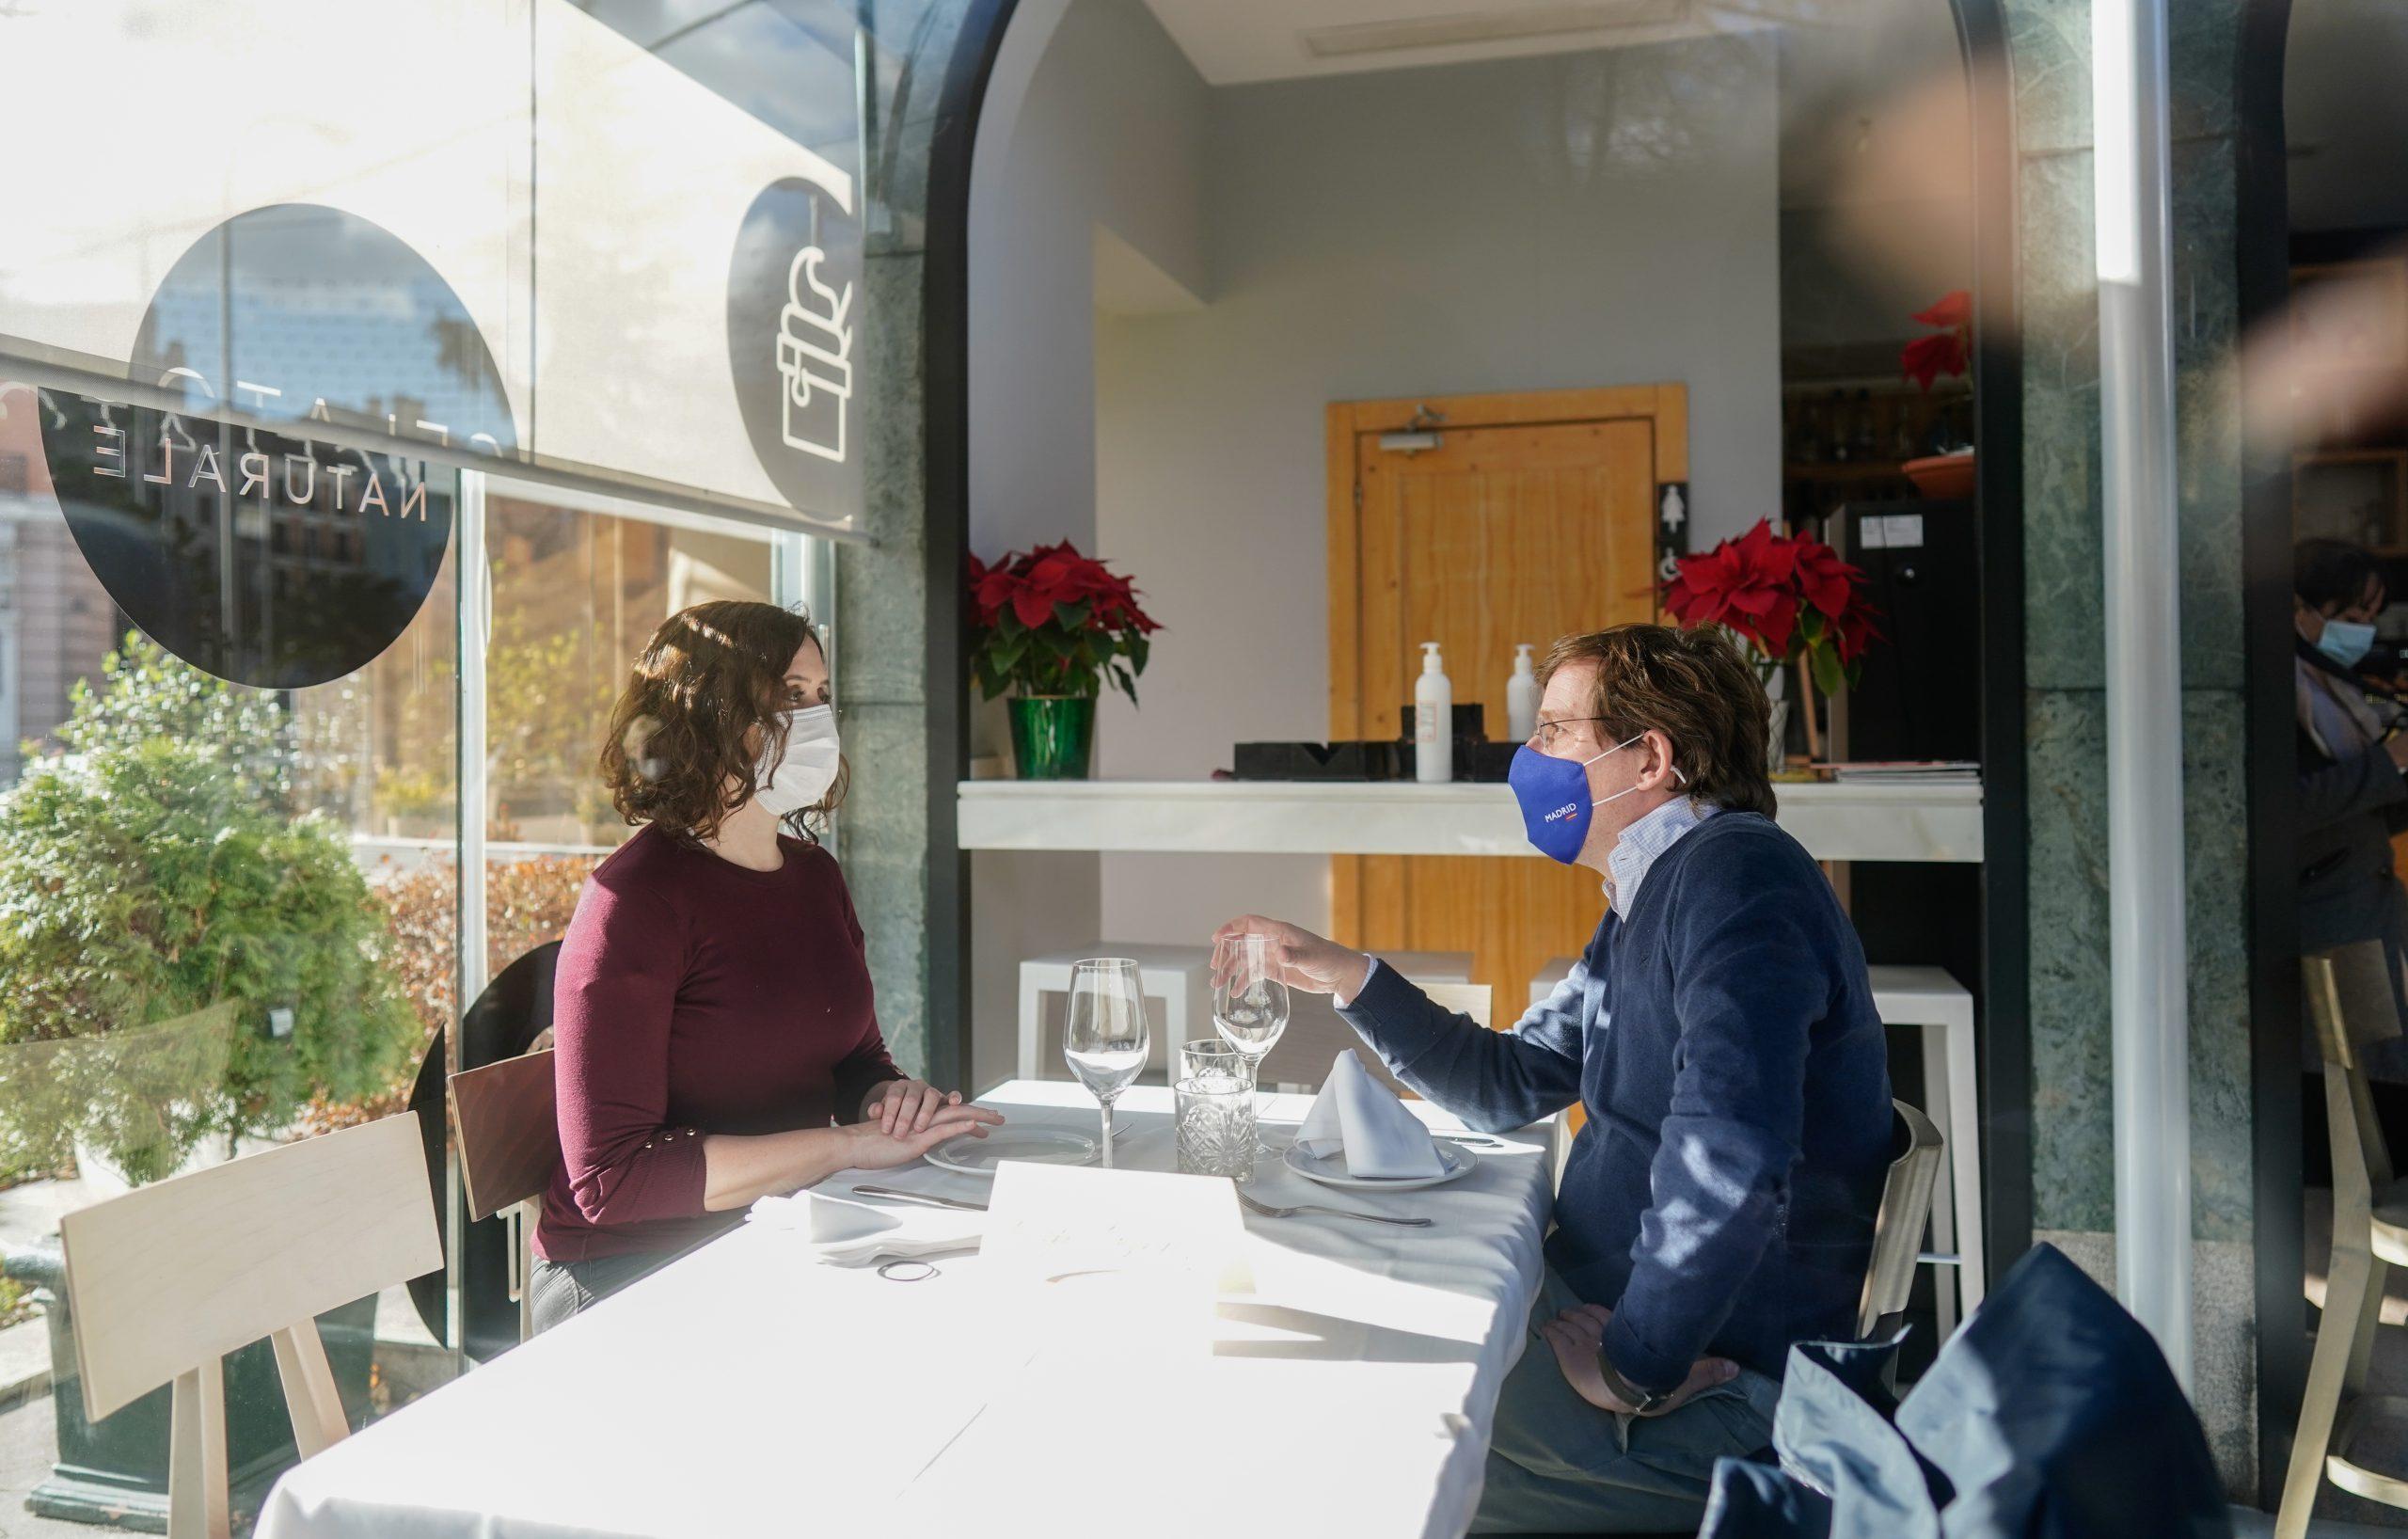 Díaz Ayuso y Martínez-Almeida: almuerzo de trabajo en el Café Gijón 3